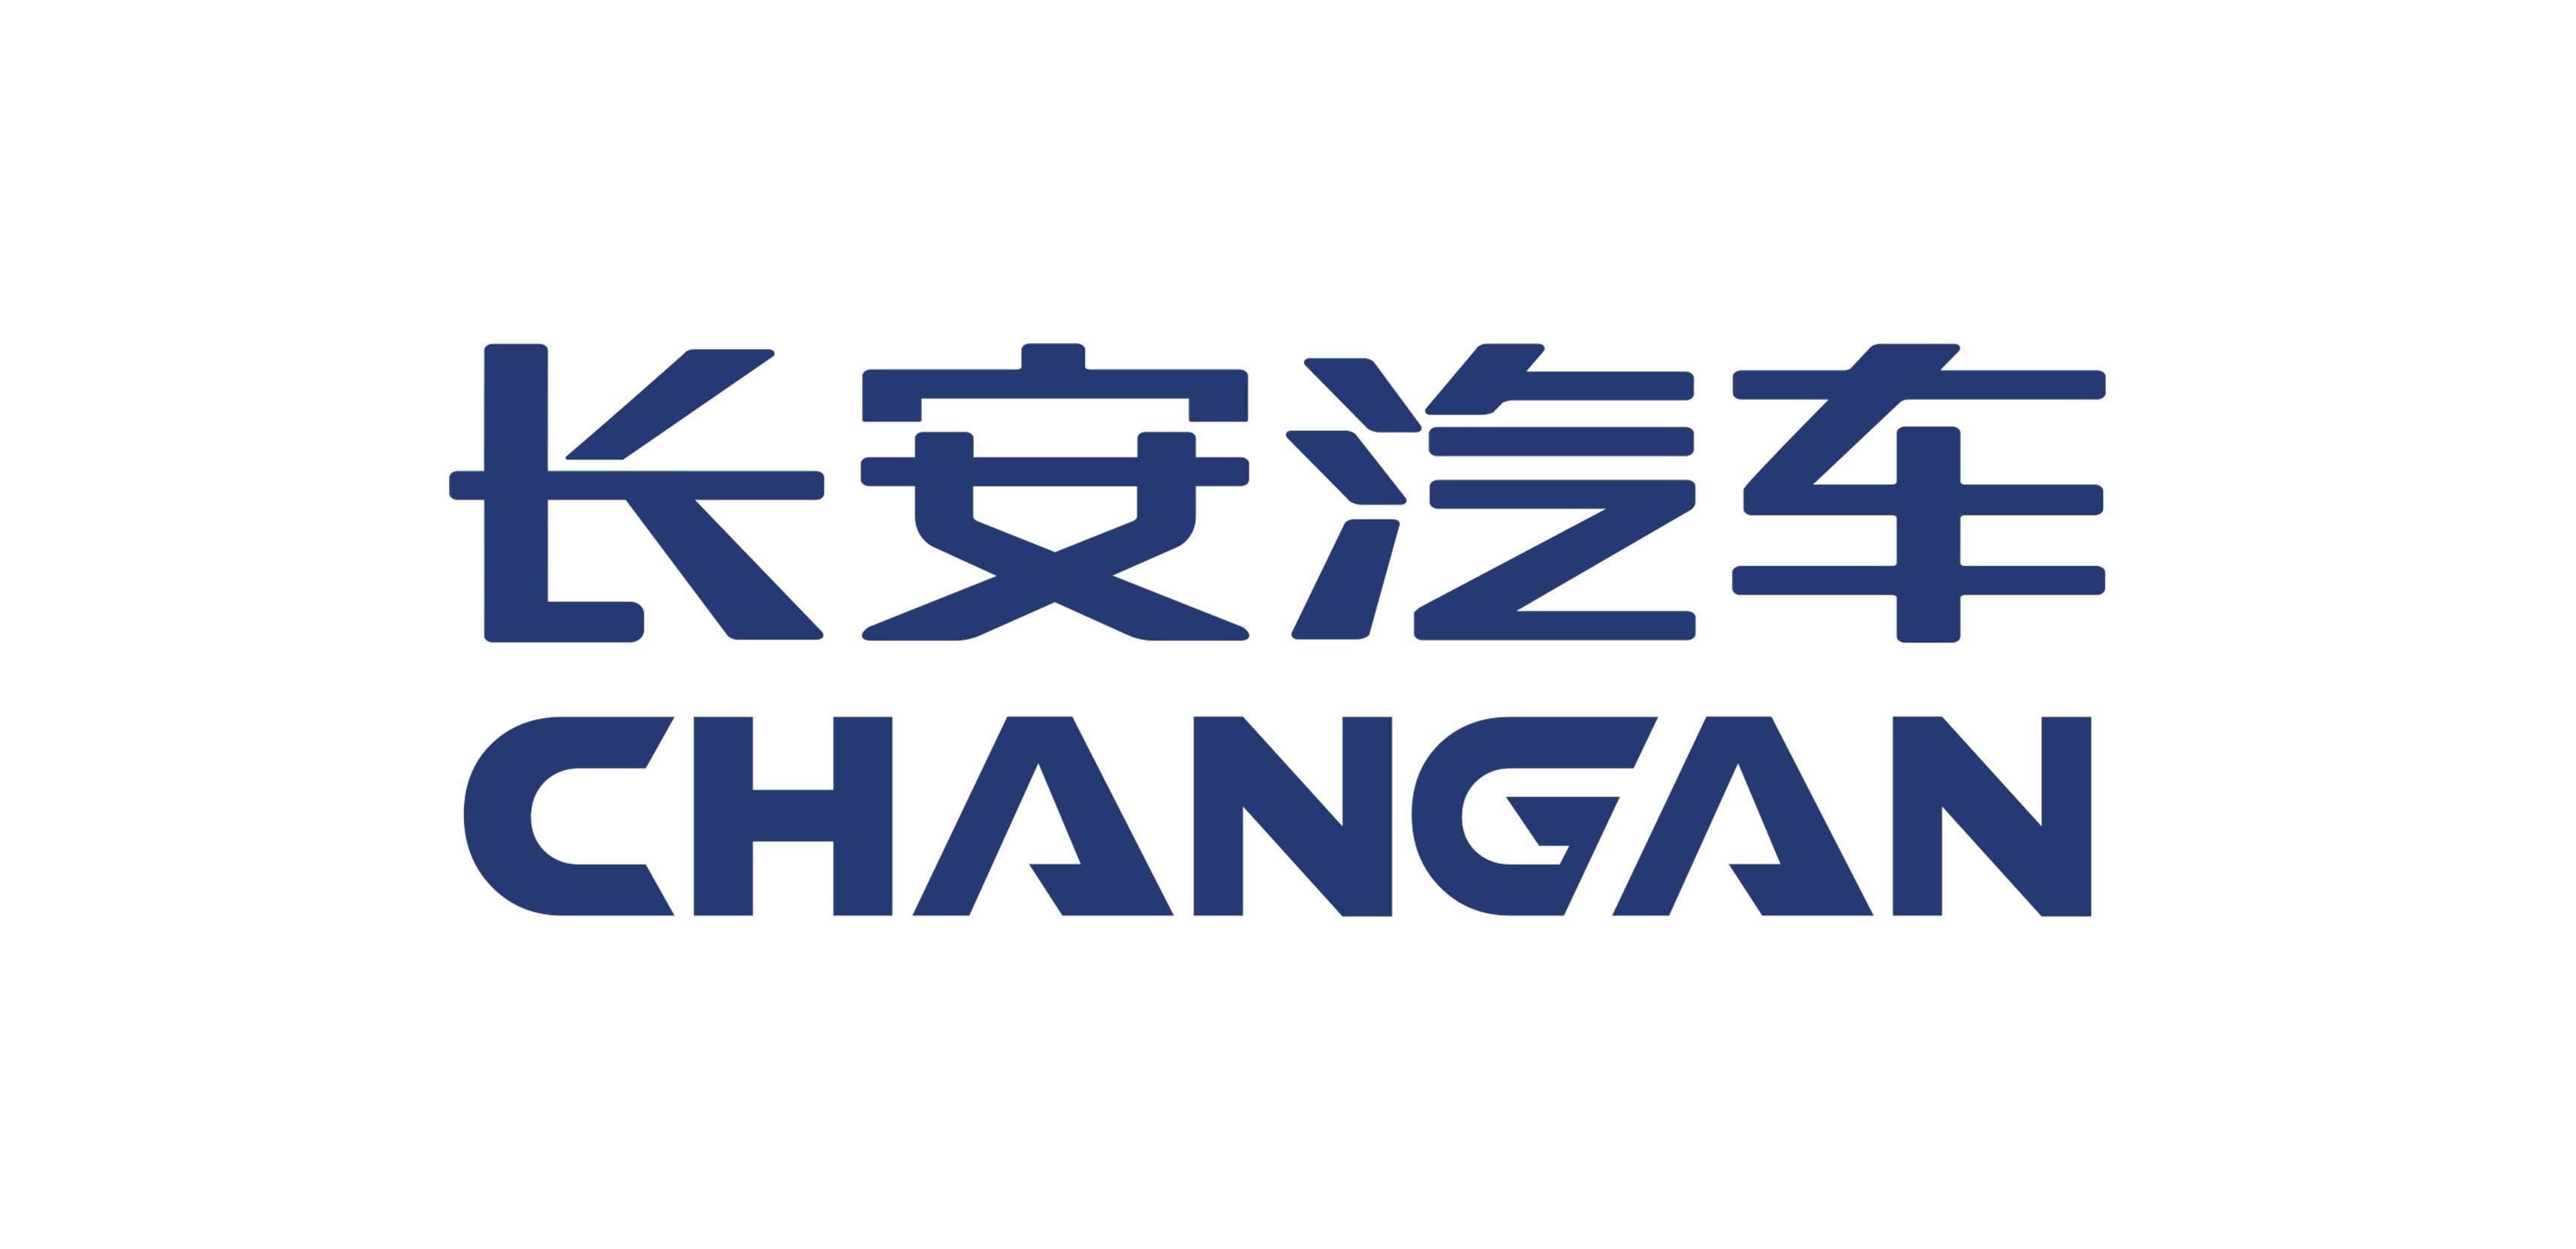 重庆长安汽车股份有限公司,简称长安汽车或重庆长安, 为中国长安汽车集团股份有限公司旗下的核心整车企业,1996年在深圳证券交易所上市,A股代码000625,B股代码200625。其悠久的历史可追溯到洋务运动时期,起源于1862年的上海洋炮局,曾开创了中国近代工业的先河。伴随中国改革开放大潮,上世纪八十年代初长安正式进入汽车领域。1996年注册并成为极具竞争力的上市公司,目前拥有2家上市公司、4支股票。 公司名称: 重庆长安汽车股份有限公司 外文名称: CHONGQING CHANGAN AUTOMOB